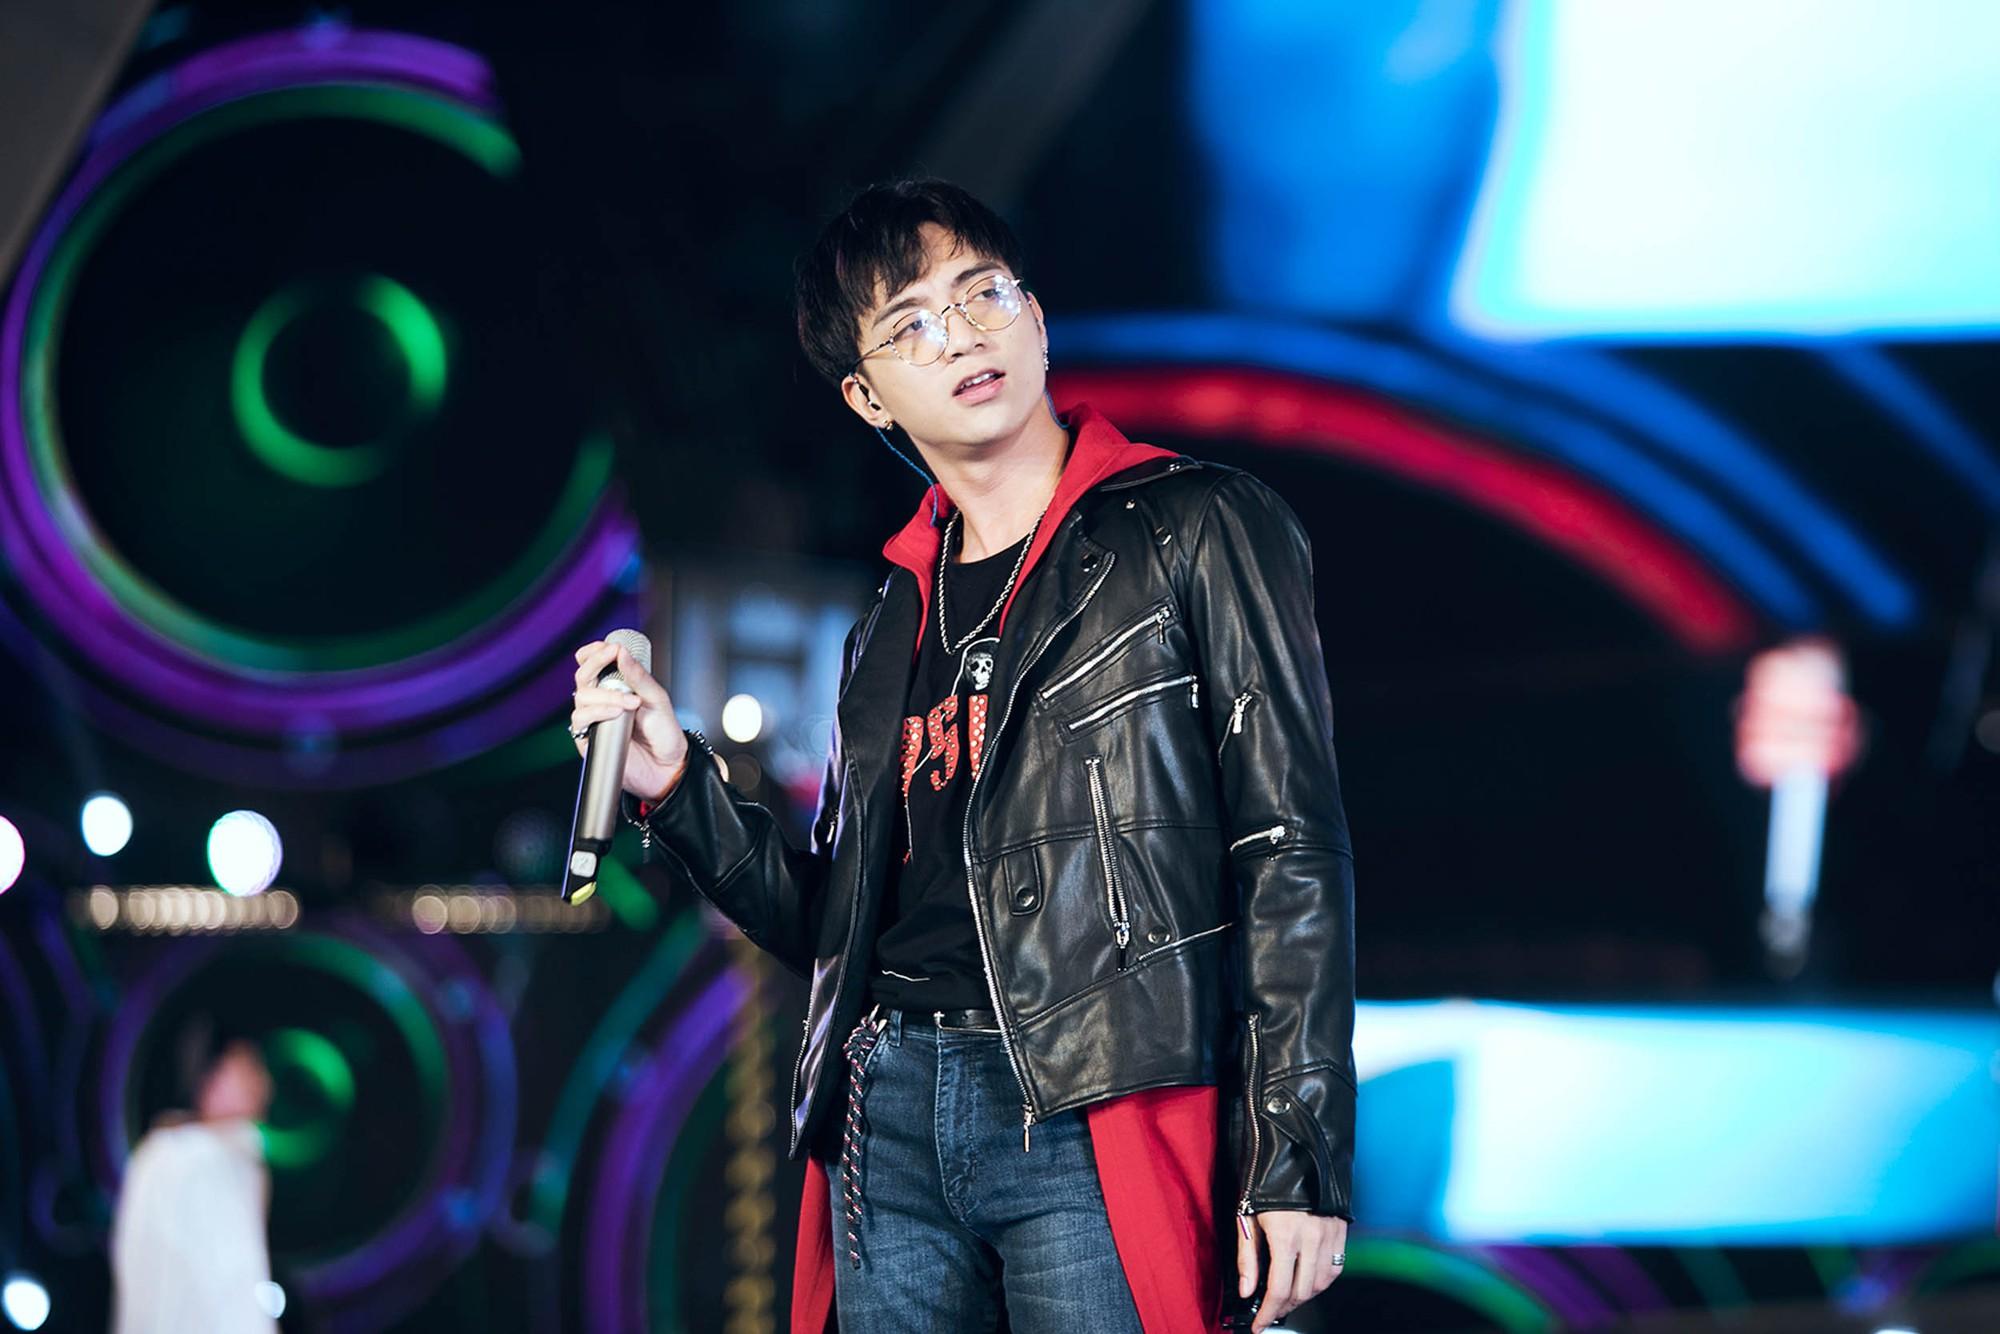 Mỹ Tâm lần đầu remix Đừng hỏi em, Đông Nhi - Noo Phước Thịnh mang loạt hit sôi động lên sân khấu - Ảnh 10.